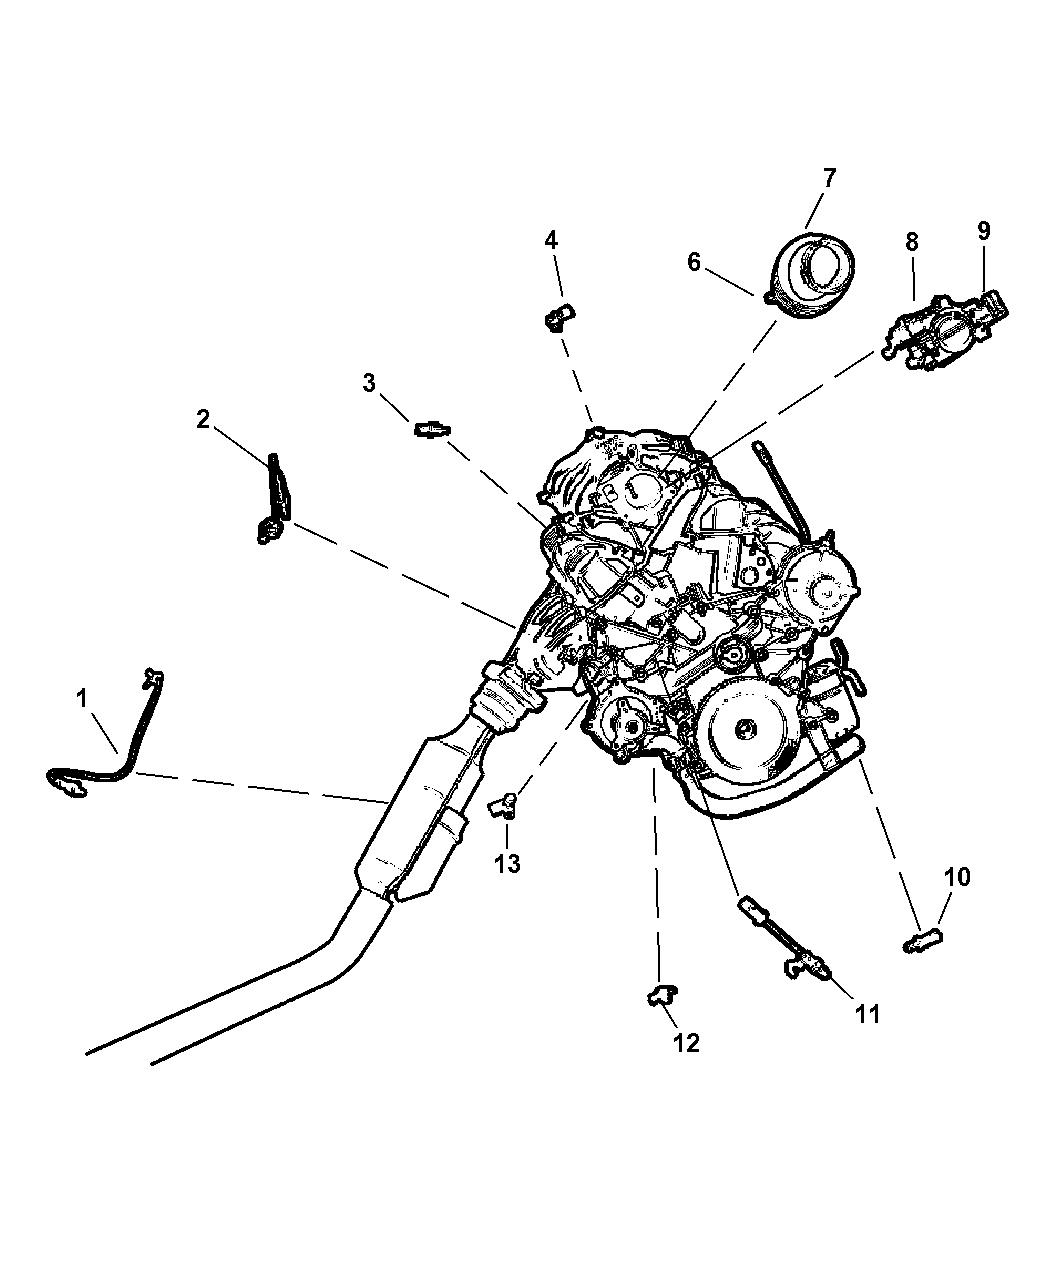 Chrysler 3 8l Engine Diagram Water Line also Toyota 3 0 V6 Engine Wiring Diagram additionally Pt Cruiser Camshaft Sensor Location additionally Transmission Torque Converter Clutch Solenoid likewise 3 8l V6 Jeep Engine. on 2002 chrysler voyager oil pressure sensor